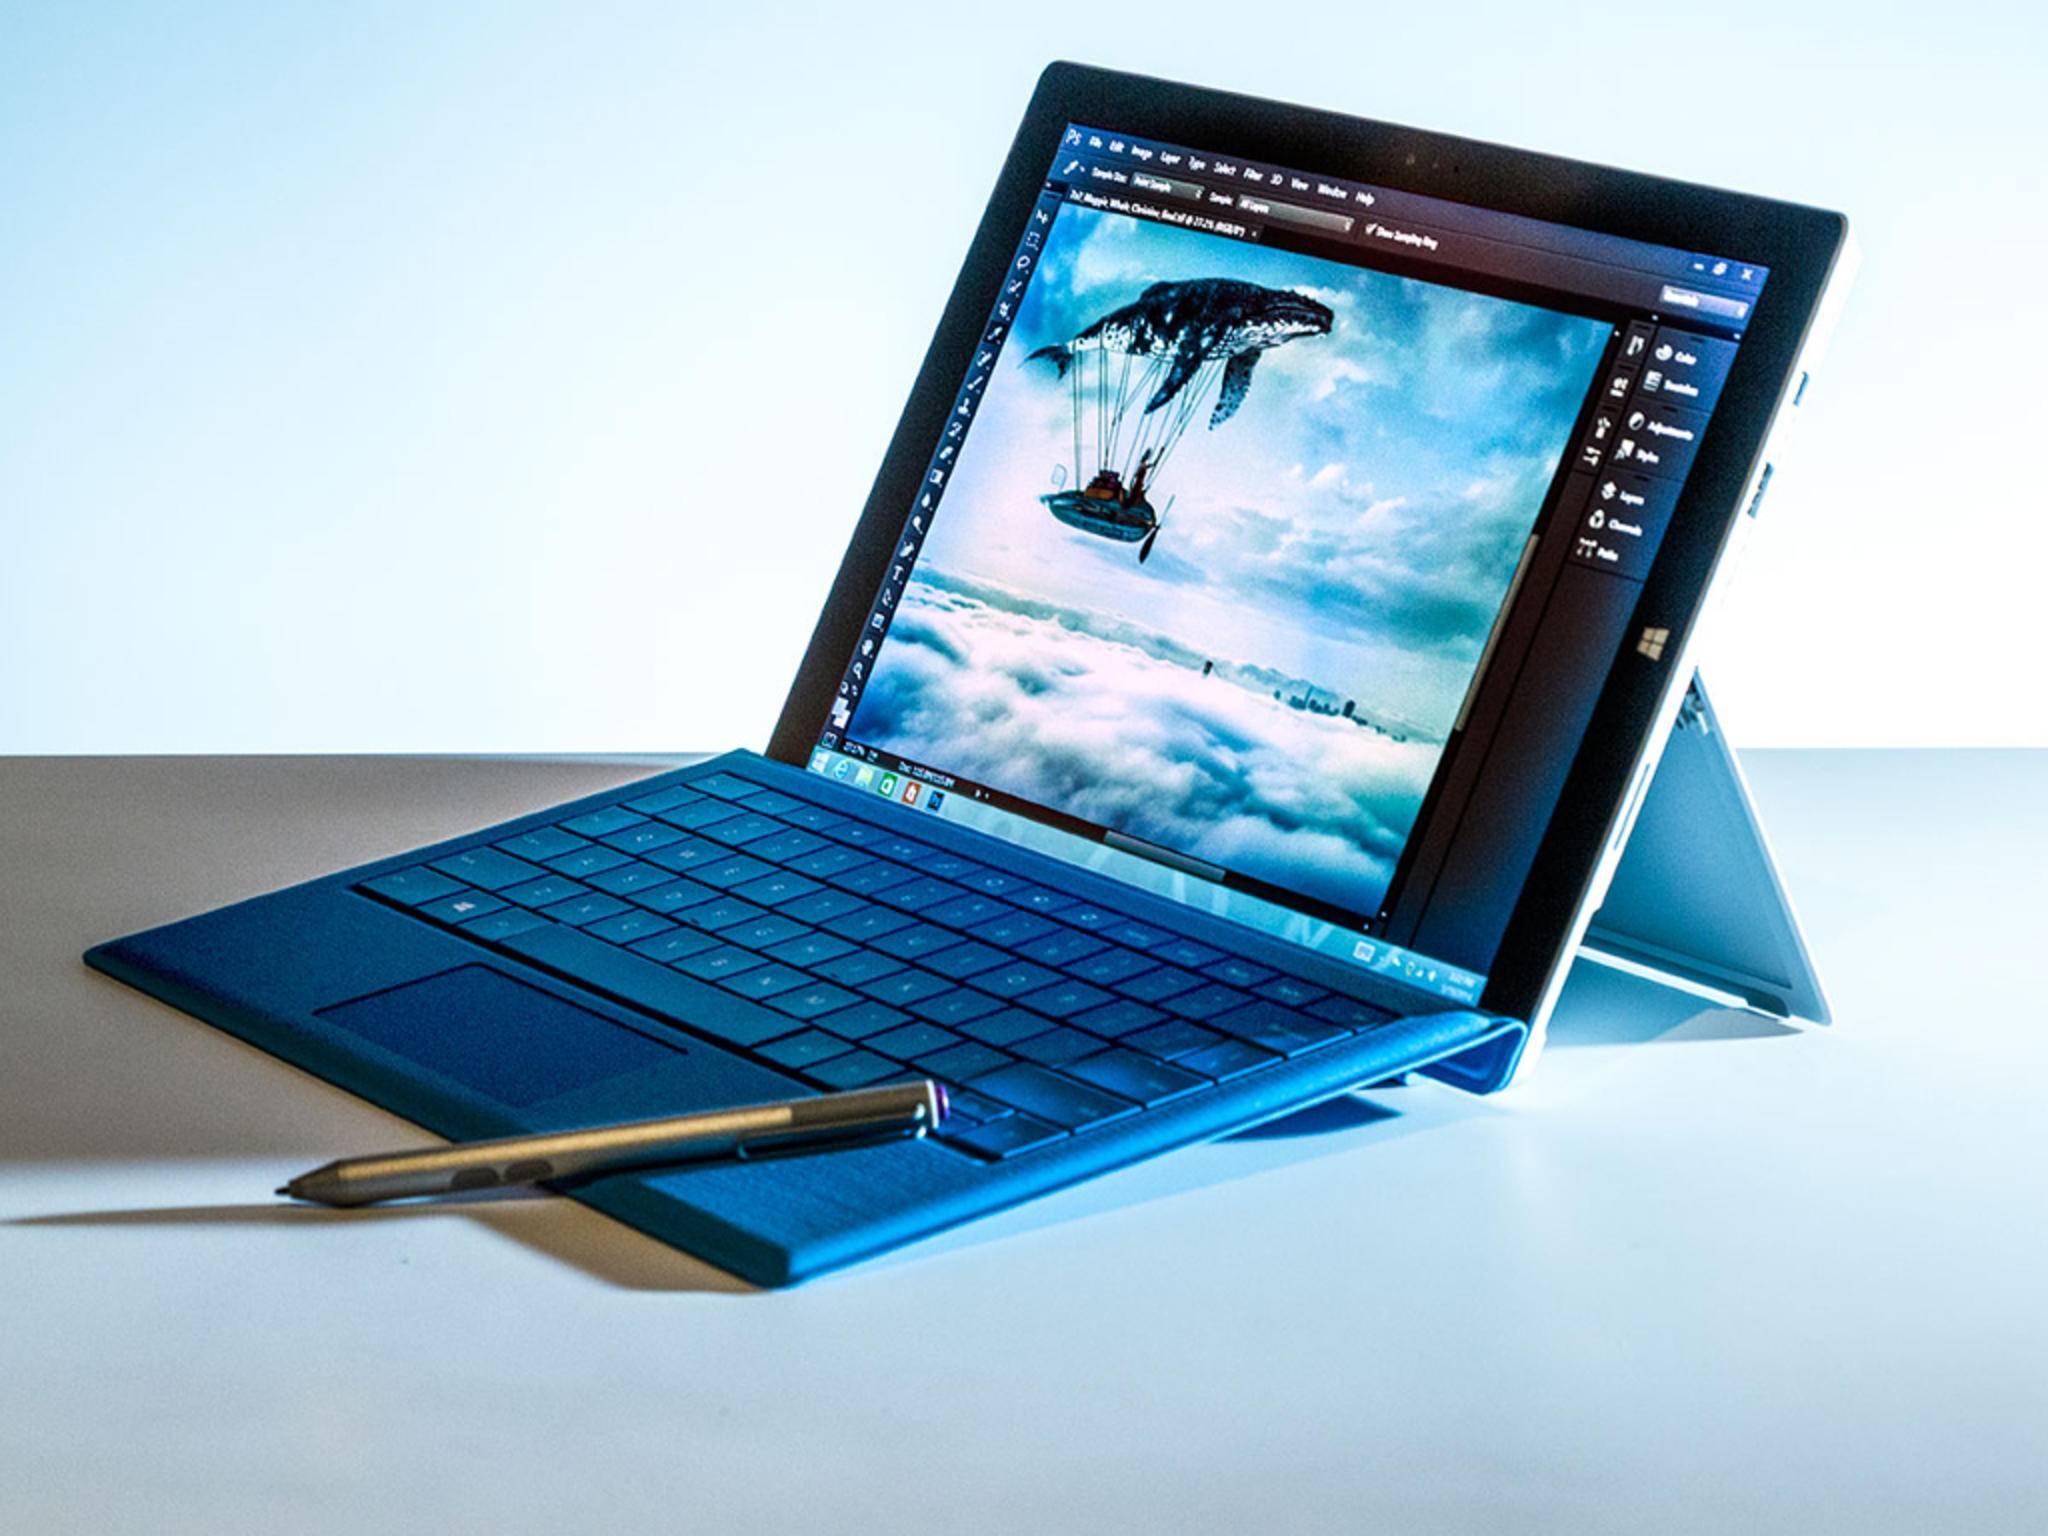 Das Microsoft Surface Pro 3 könnte schon bald einen Nachfolger erhalten.